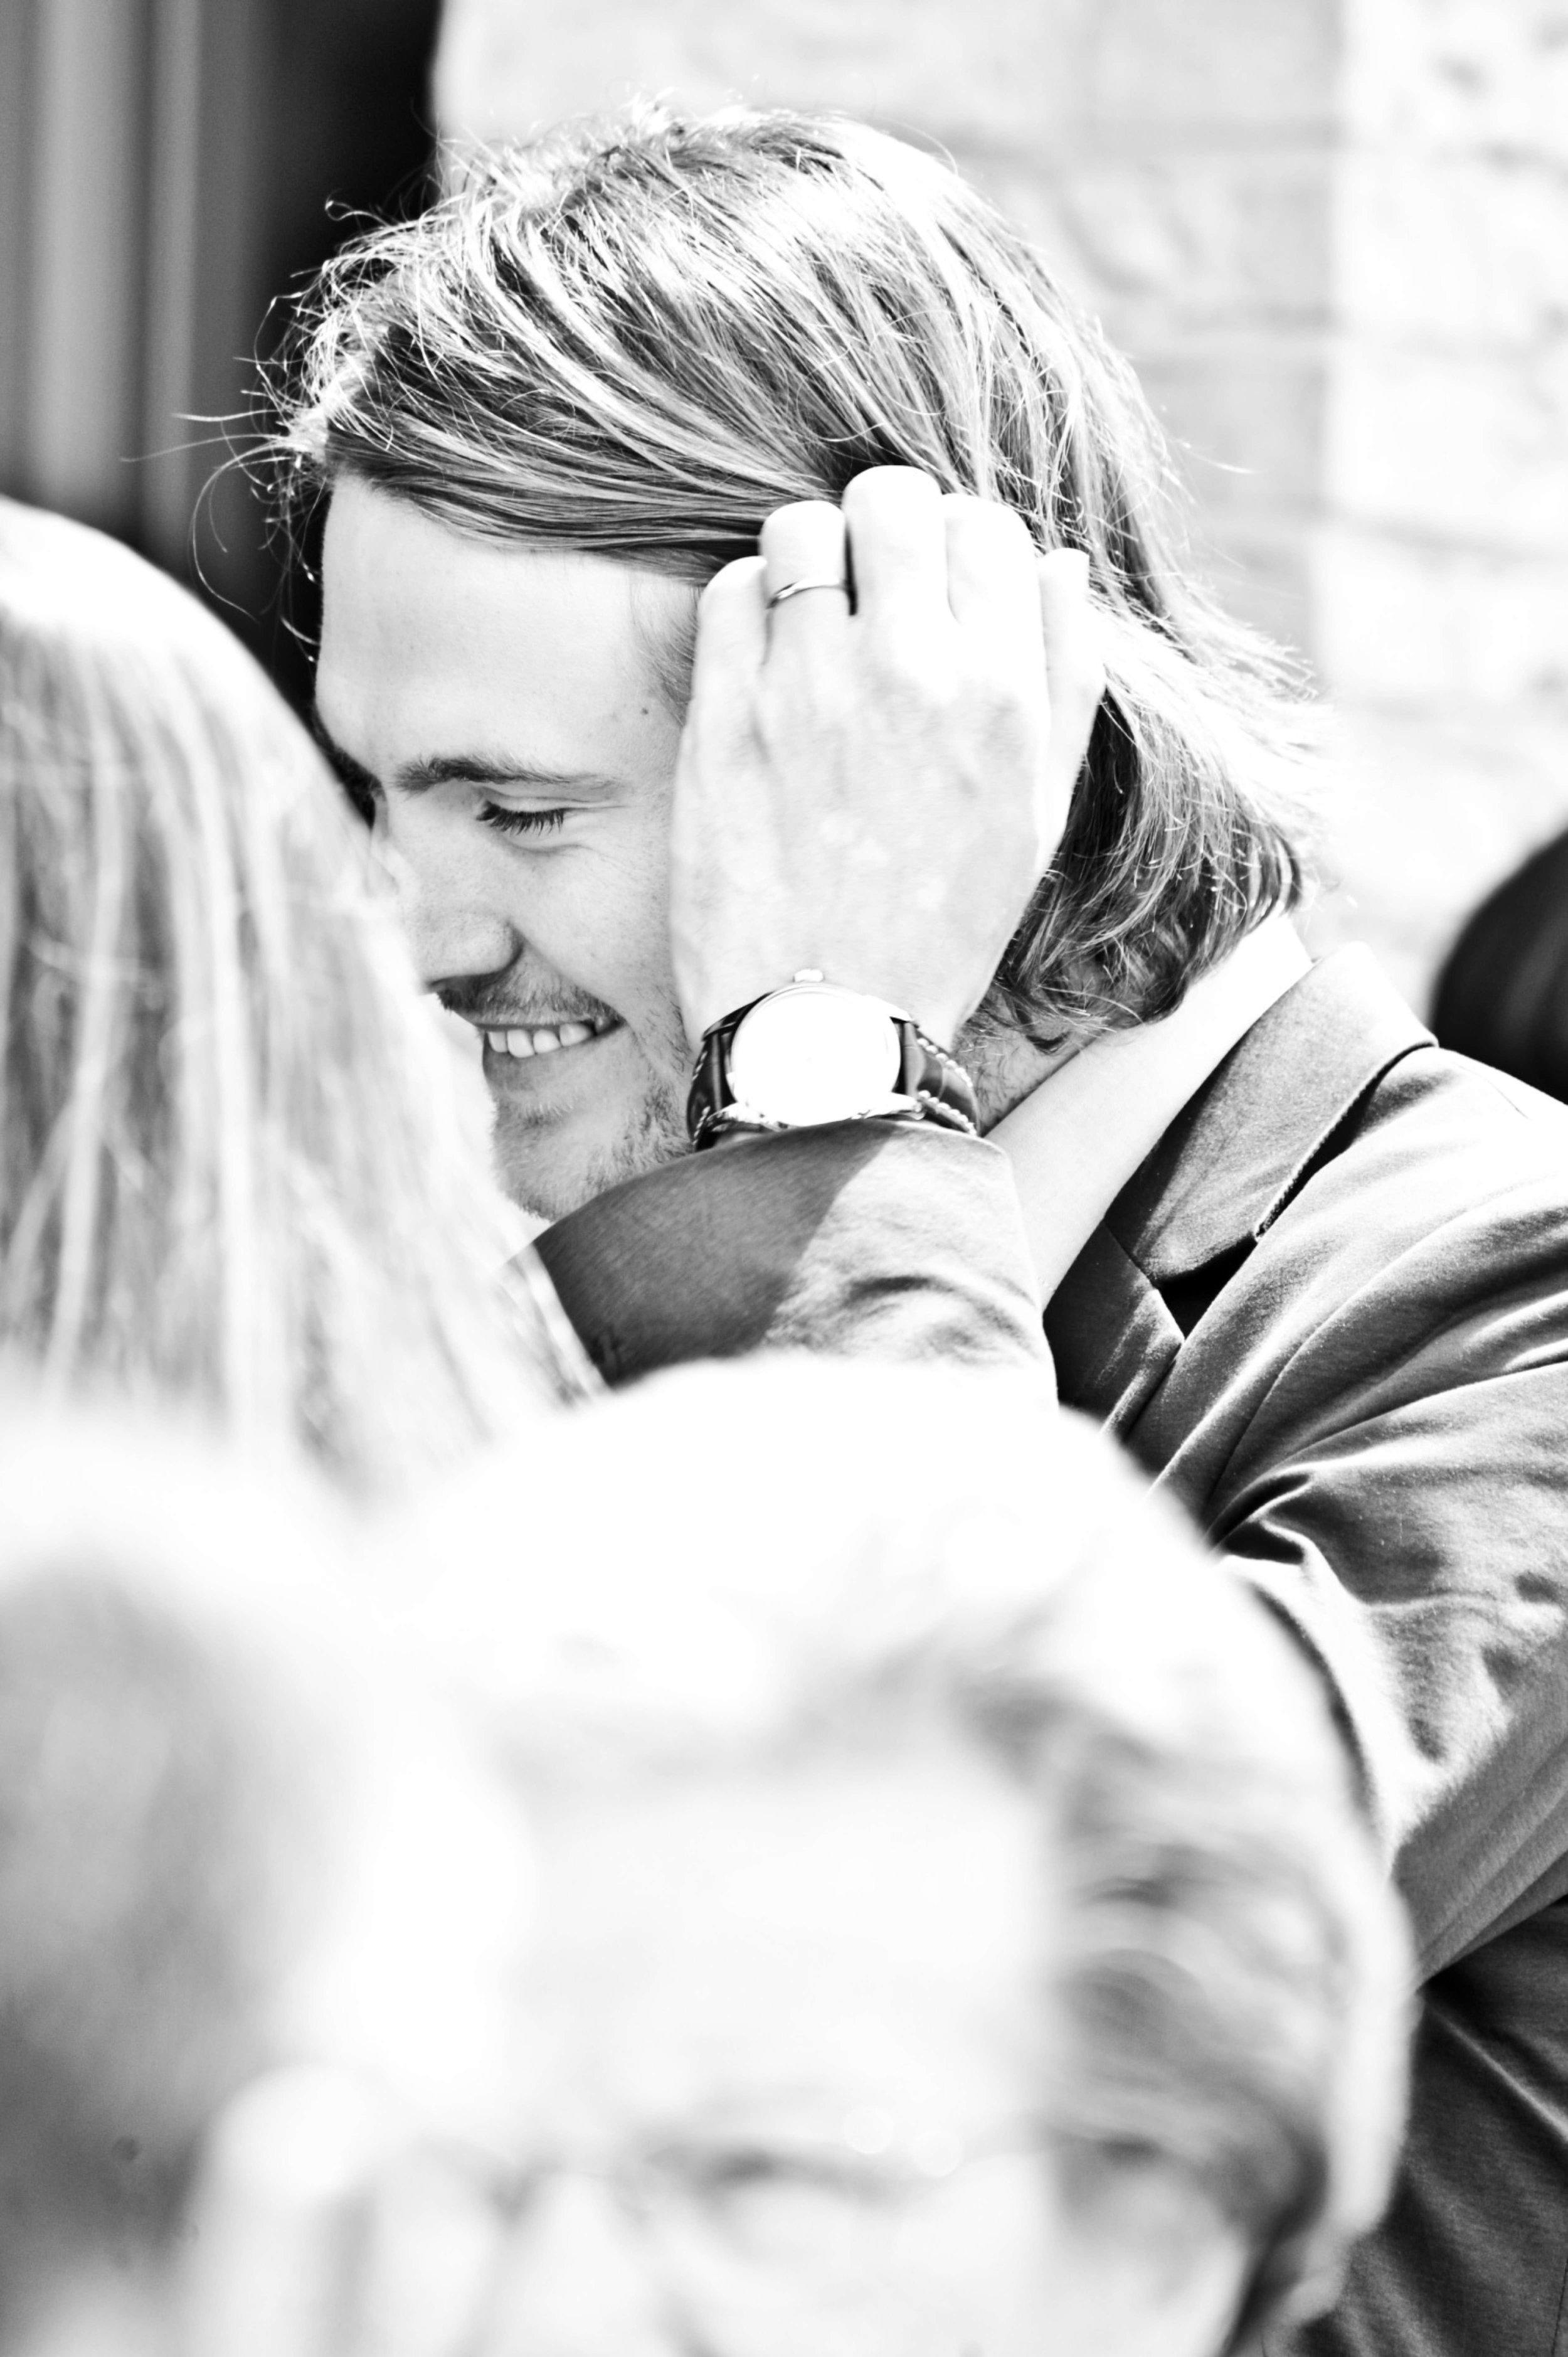 Bart Albrecht fotograaf photographer belgium belgie anbtwerpen antwerp wedding huwelijk huwelijksfotograaf trouwfotograaf trouw bruid bruidegom trouwkleed ceremonie weddingdress topphotographer topfotograaf beste best top 10 152.jpg